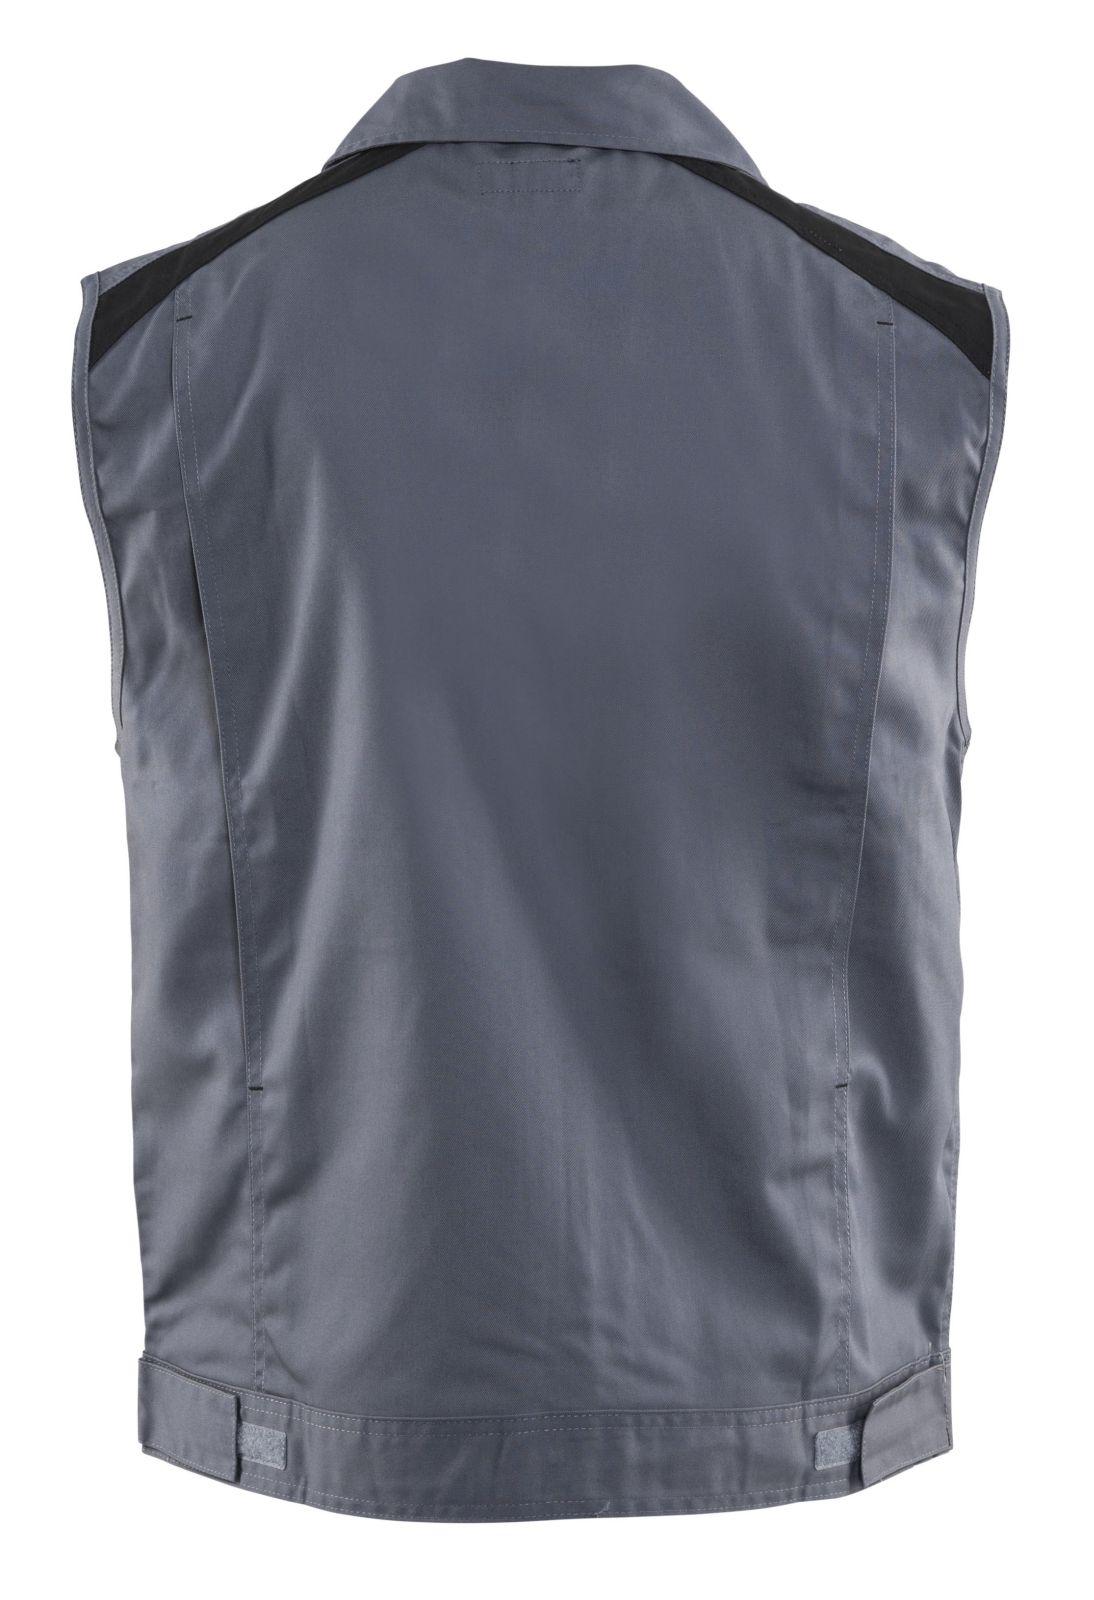 Blaklader Vesten 31641800 grijs-zwart(9499)